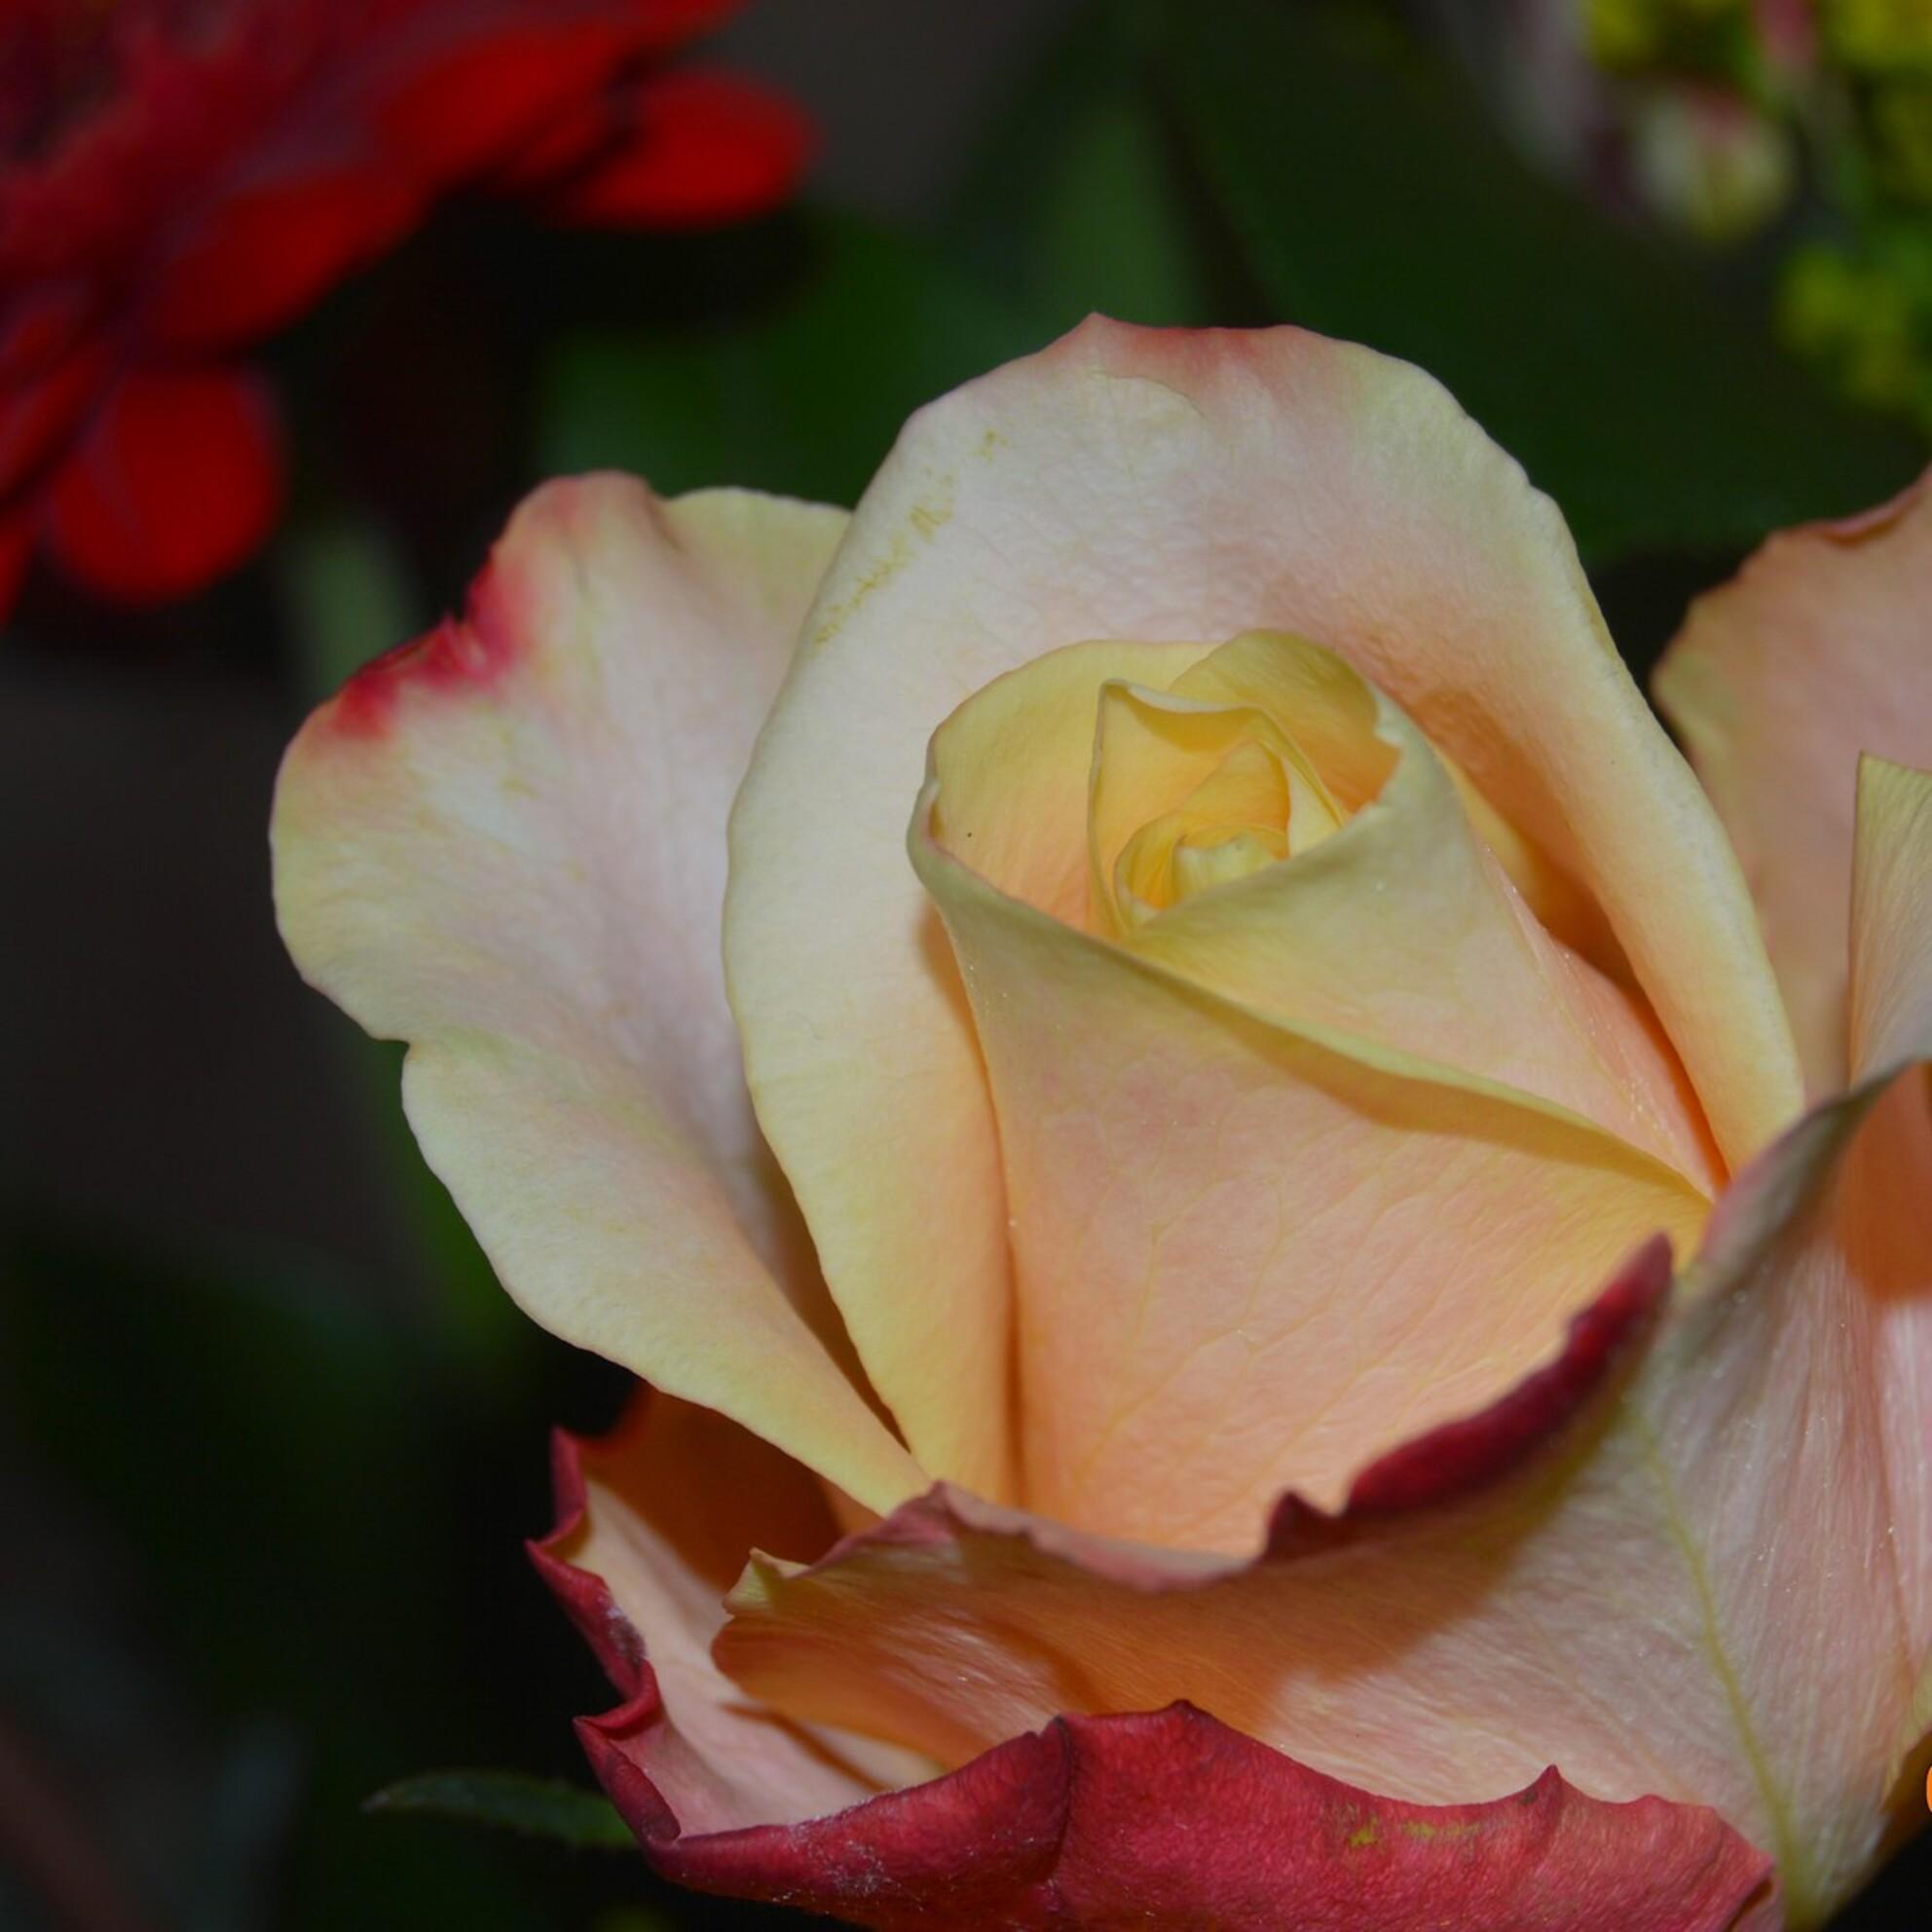 Roosje - - - foto door eduardw op 25-10-2014 - deze foto bevat: roze, macro, bloem, natuur, roos - Deze foto mag gebruikt worden in een Zoom.nl publicatie